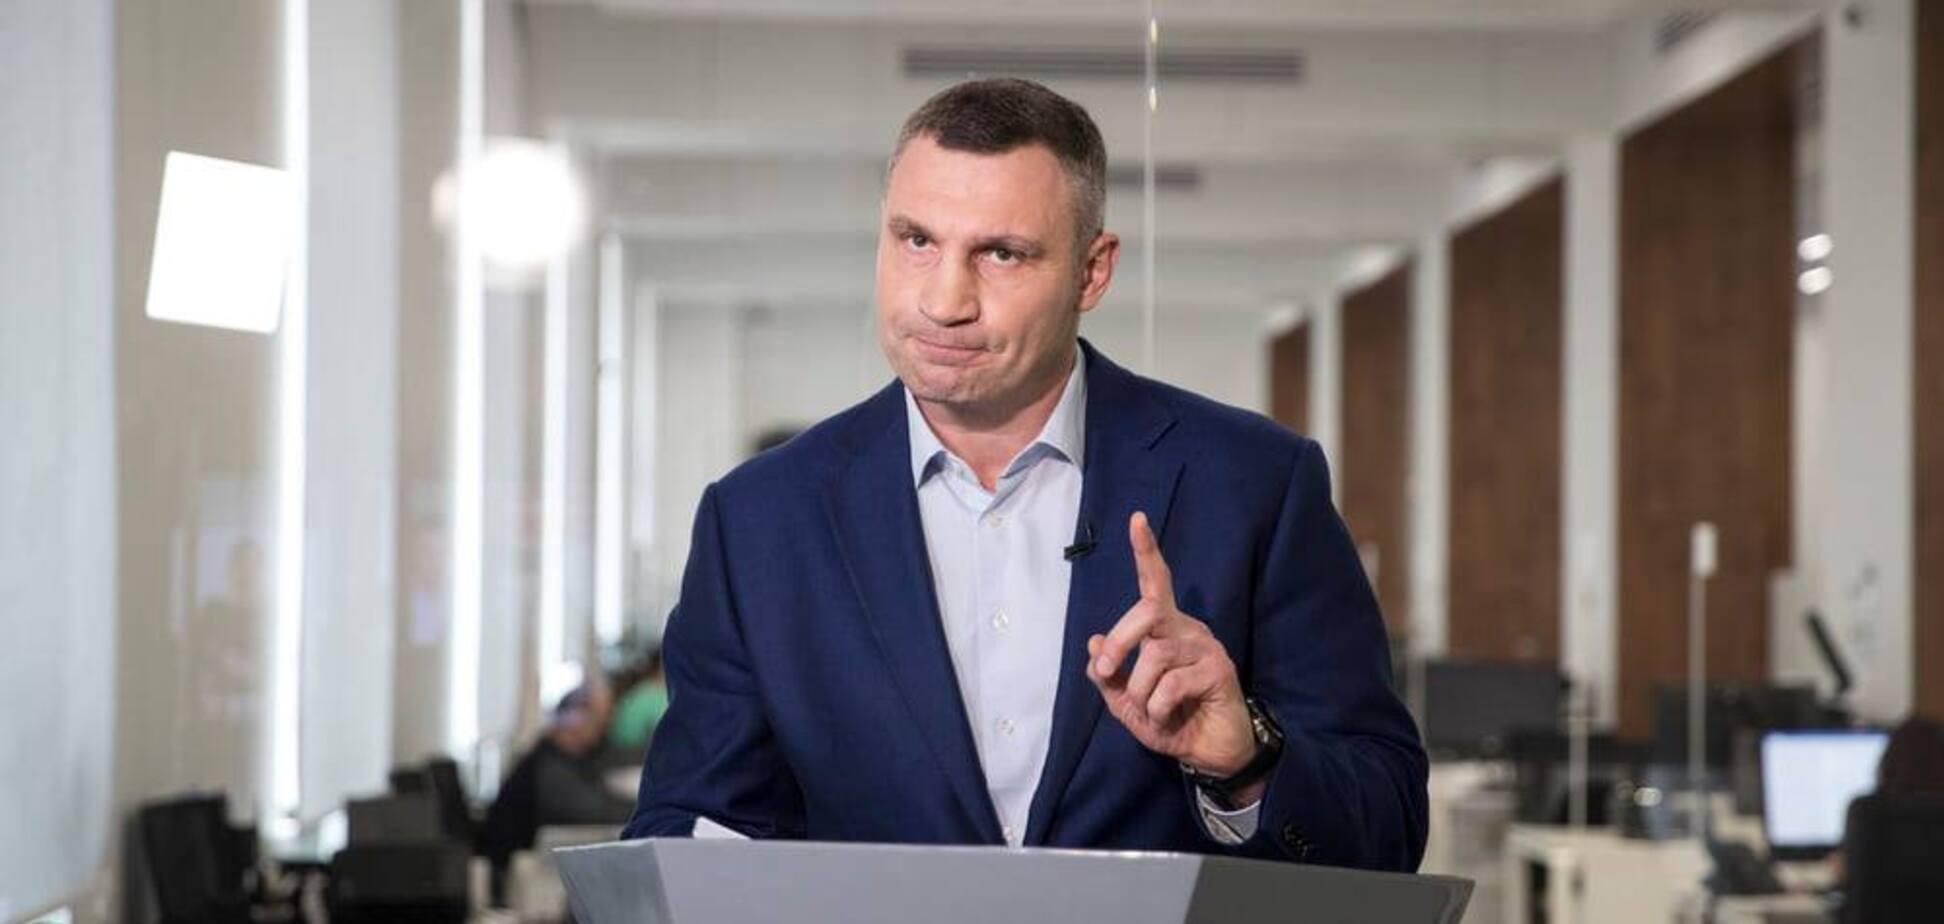 Кличко пообещал бизнесу поддержку и новые льготы